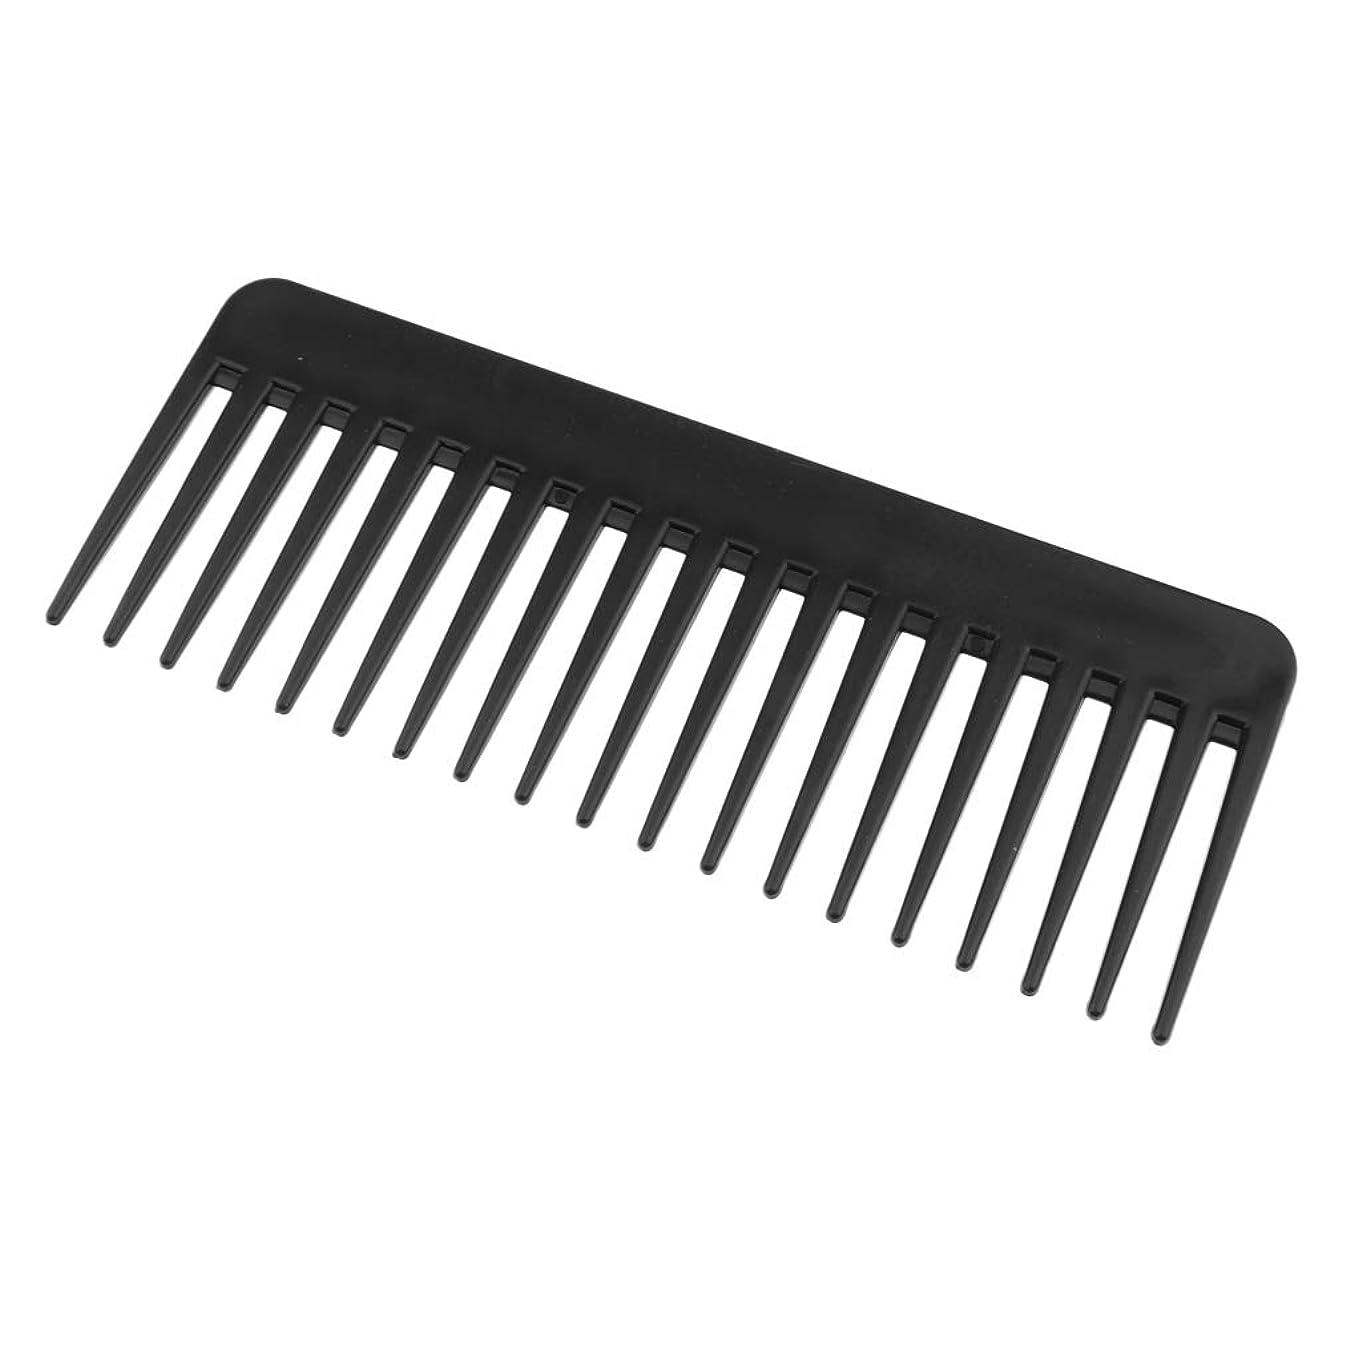 墓昇るコンパクトF Fityle 帯電防止くし プラスチック製 ヘアブラシ 丈夫 3色選べ - ブラック